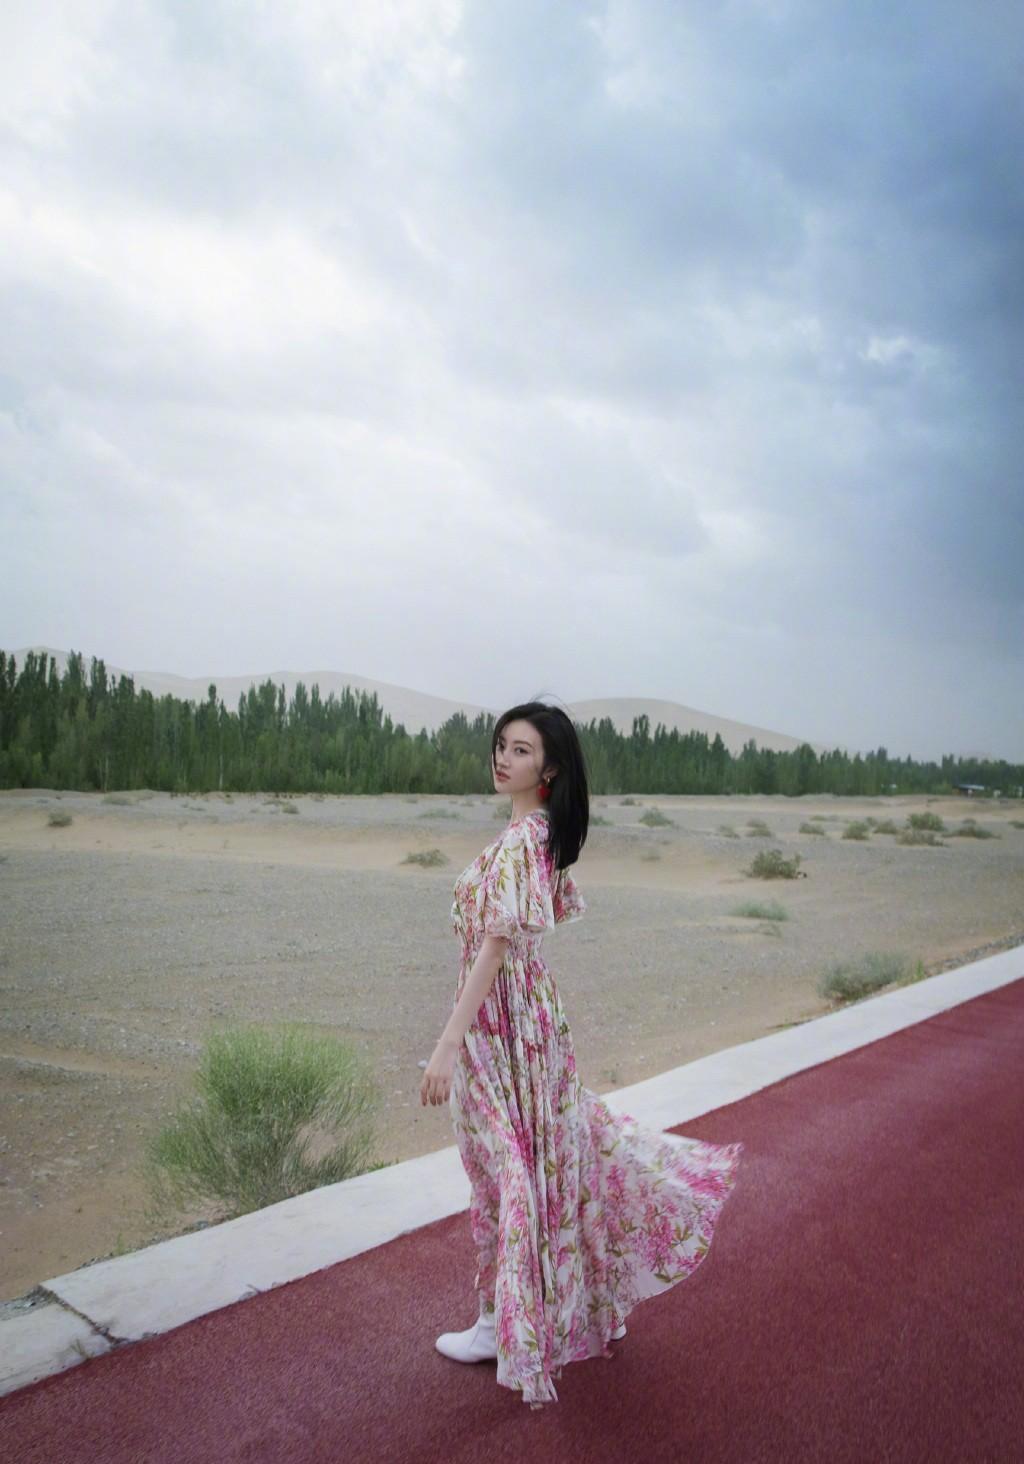 景甜摄影美图,身穿一款印花长裙配白色短靴,简约又优雅